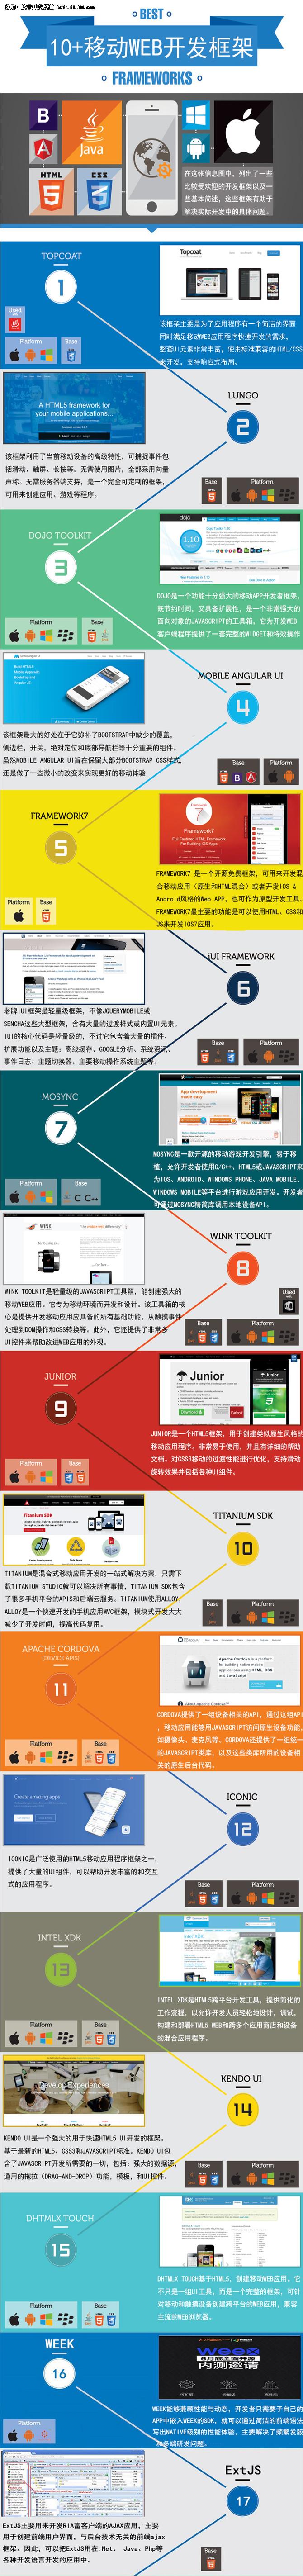 图说10+最流行的移动web应用开发框架